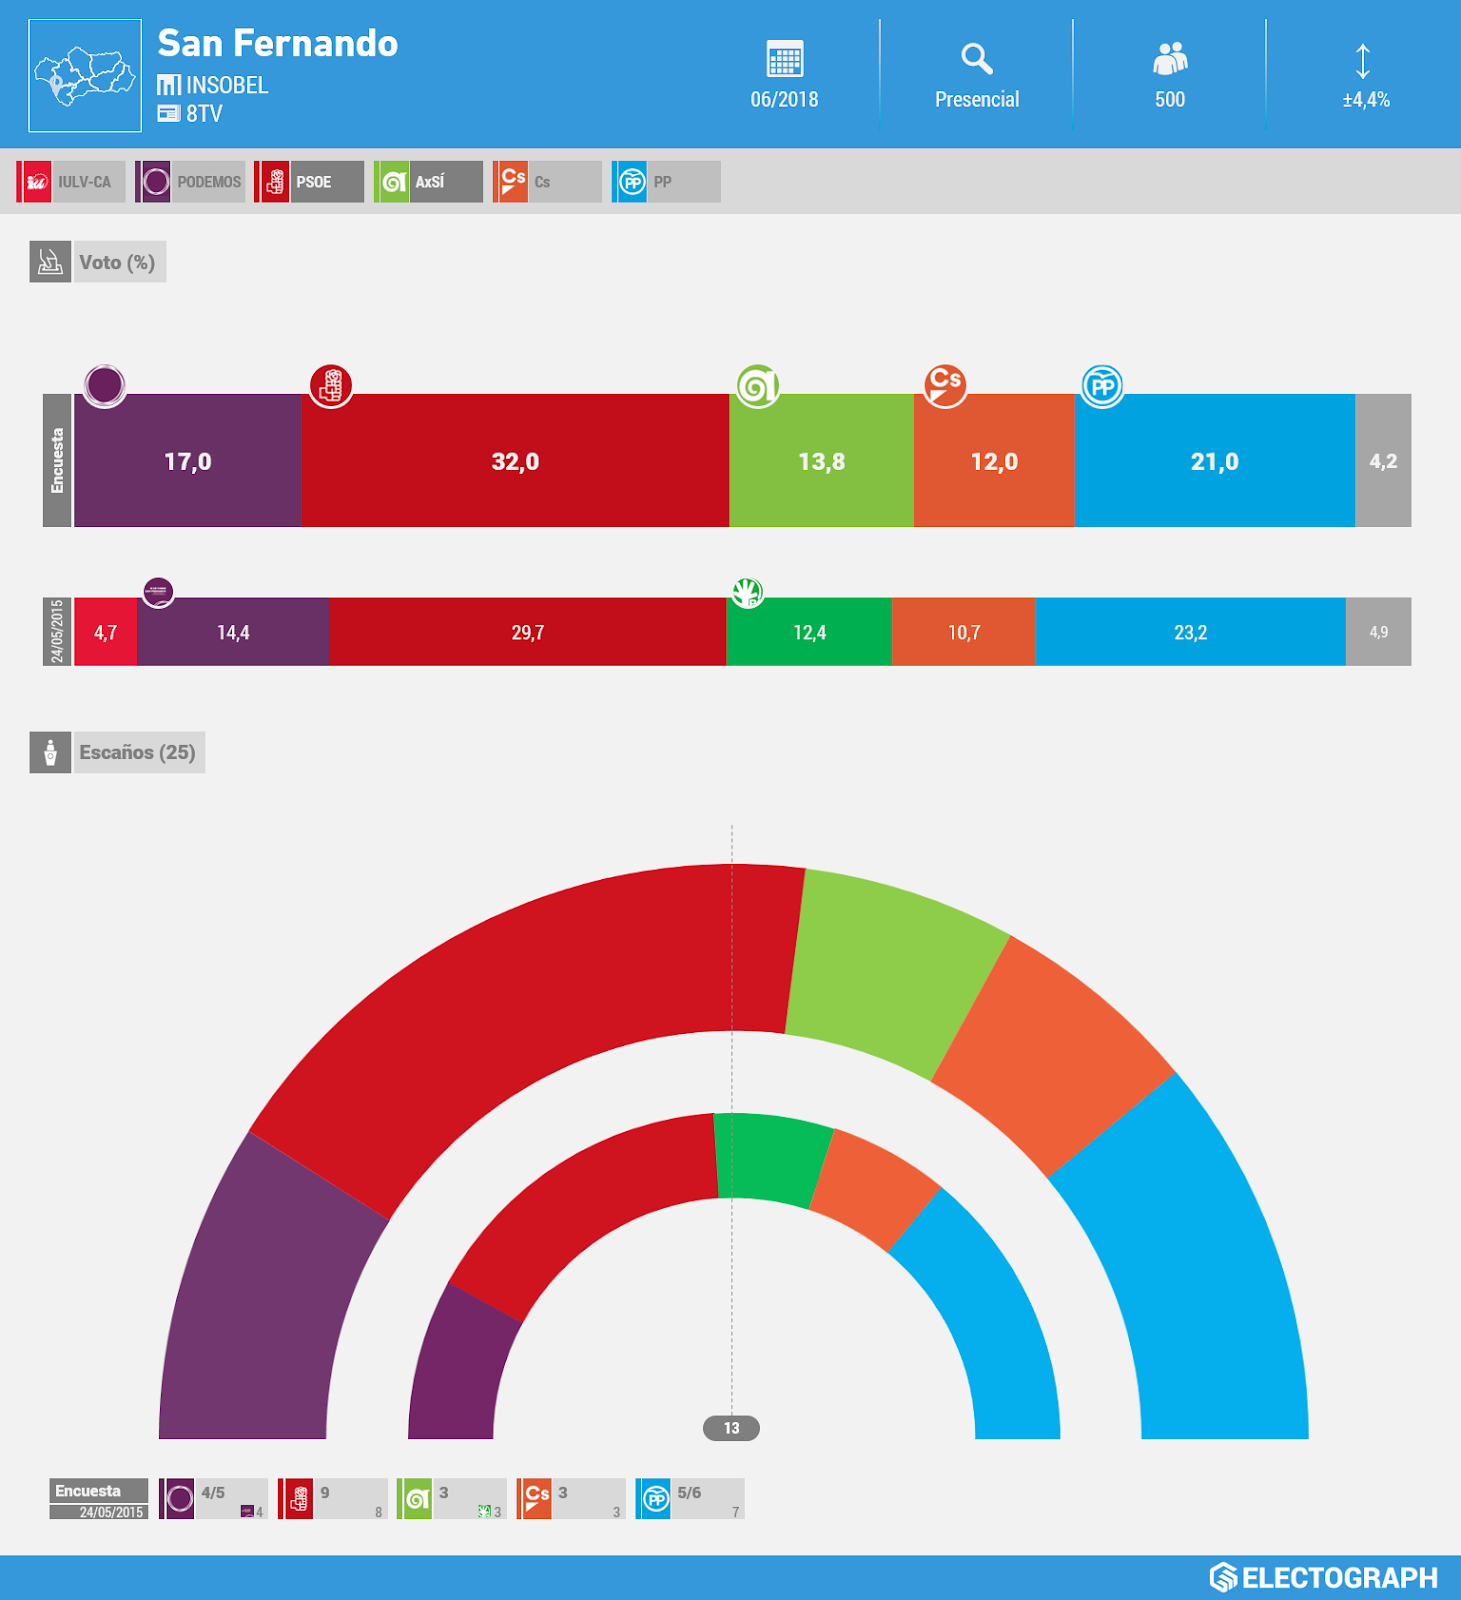 Gráfico de la encuesta para elecciones municipales en San Fernando realizada por Insobel para 8TV en junio de 2018